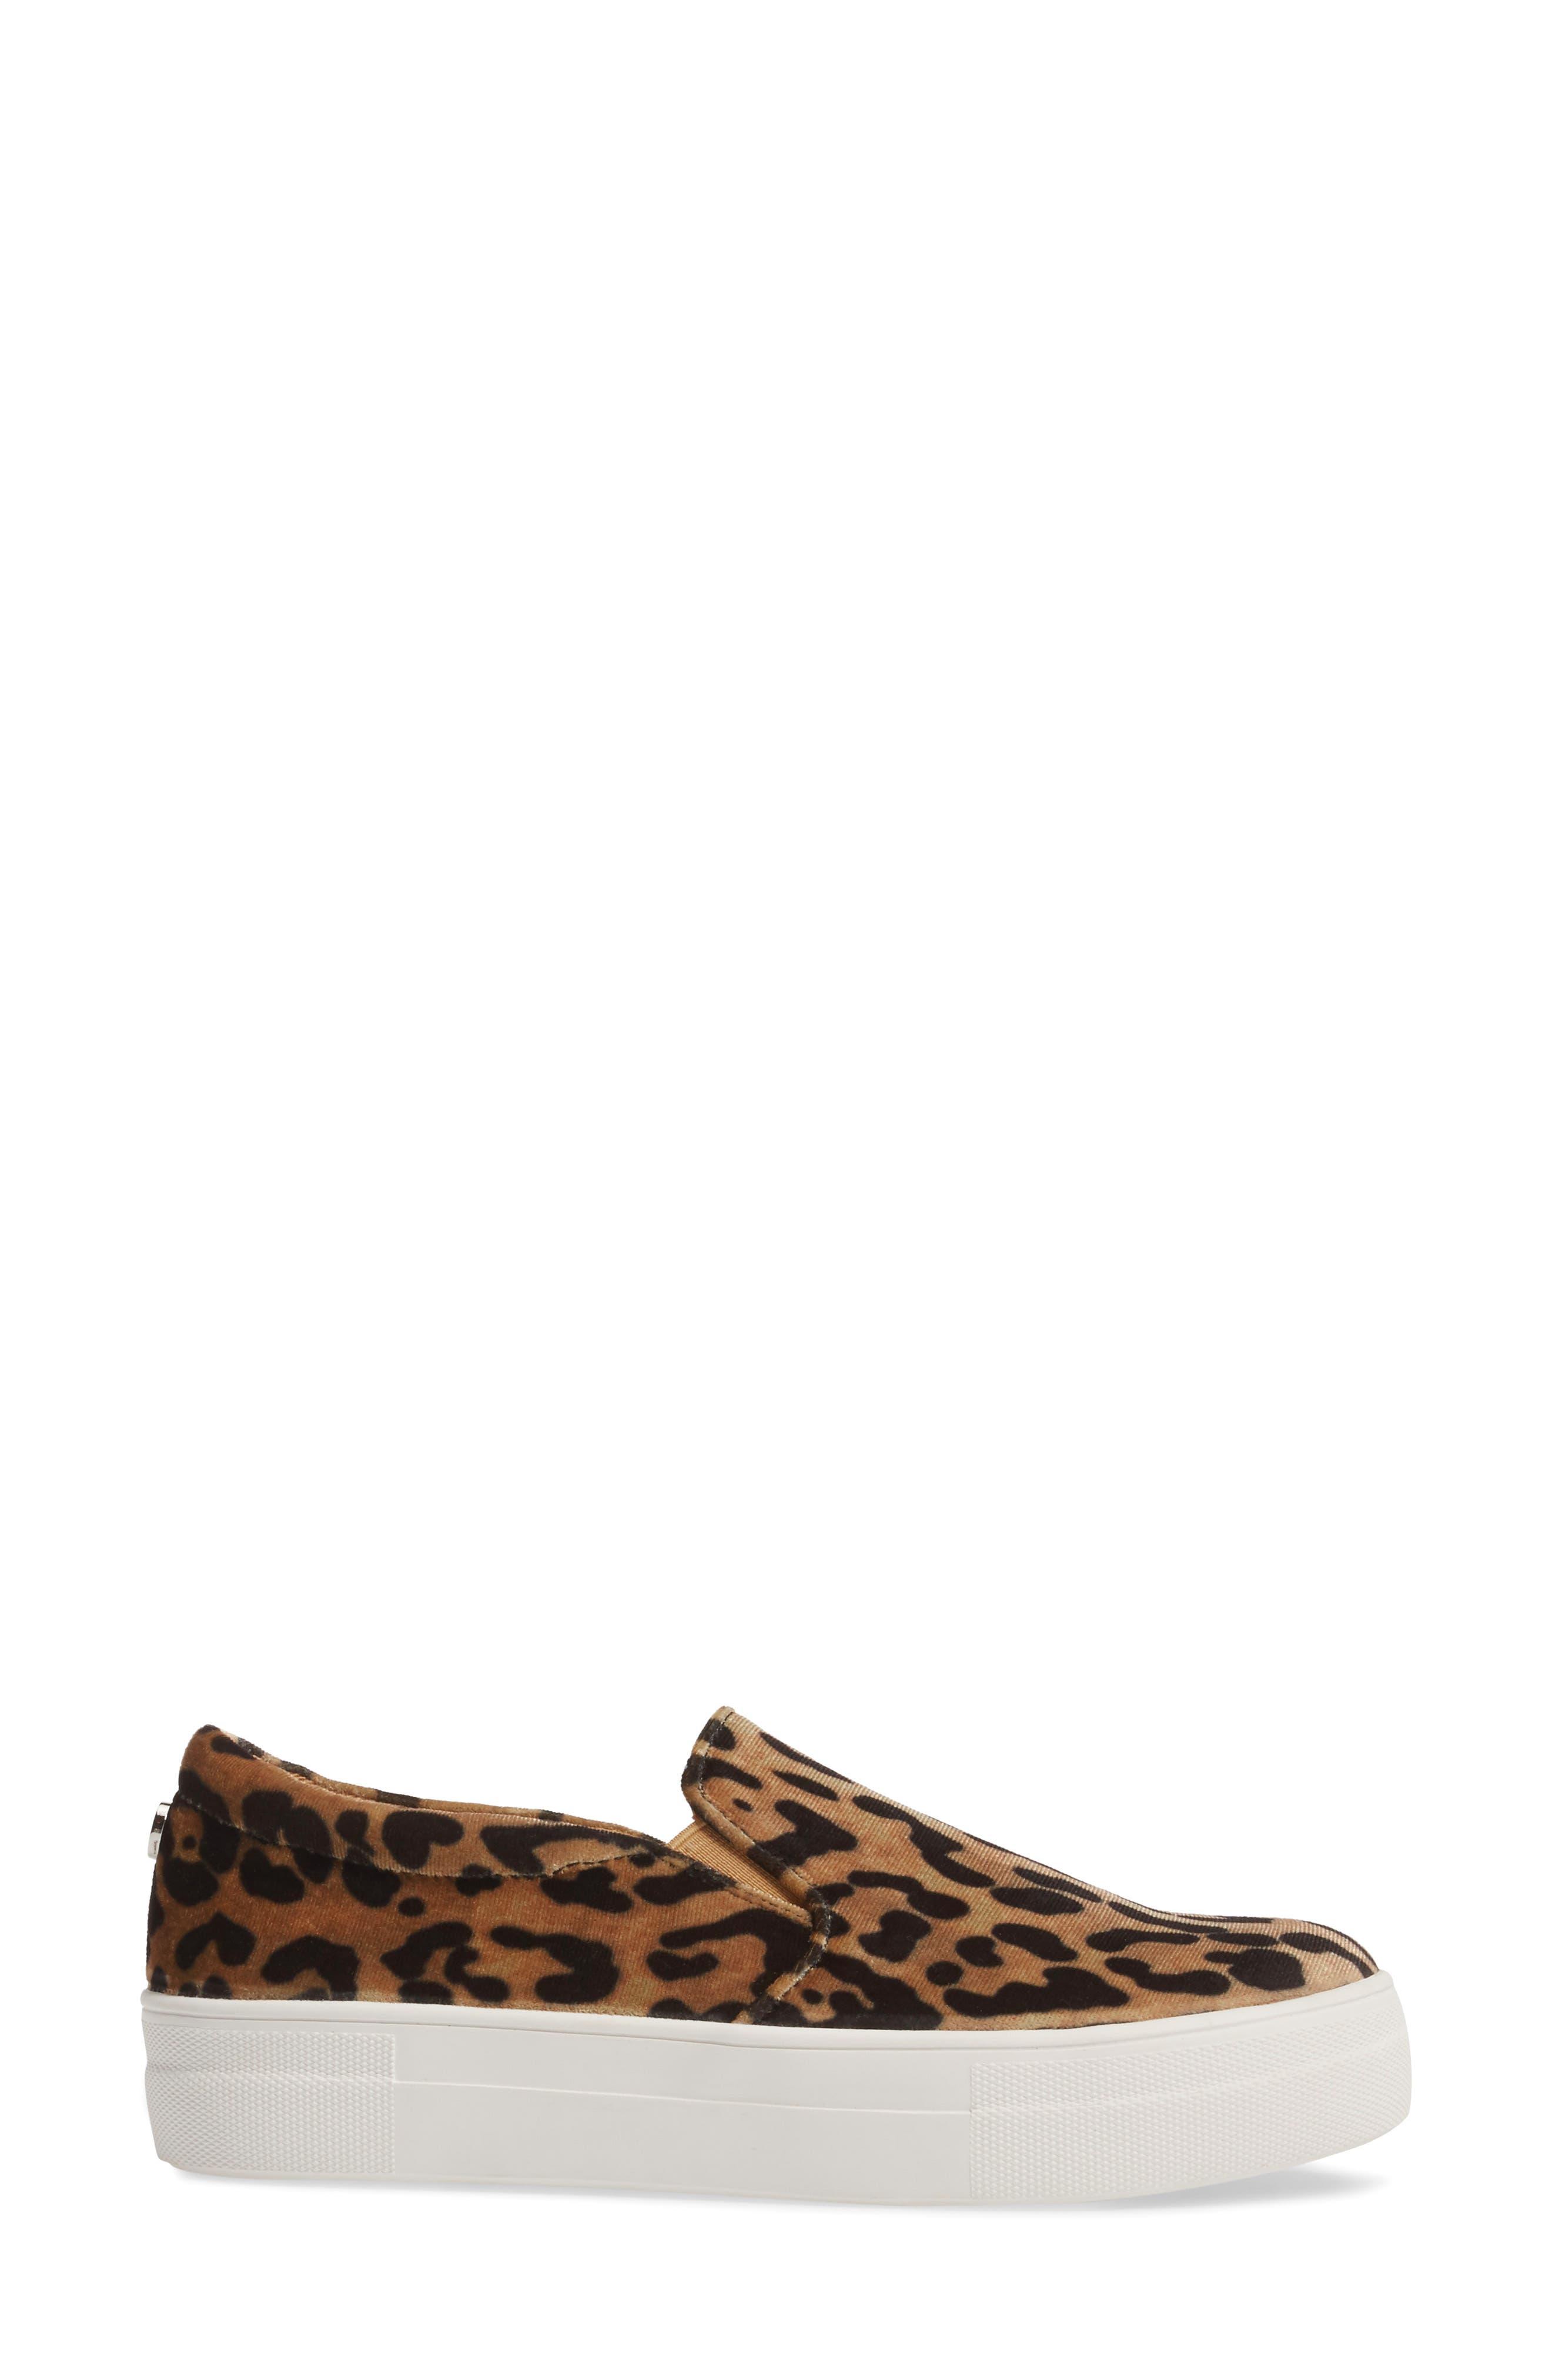 Gills Platform Slip-On Sneaker,                             Alternate thumbnail 3, color,                             Leopard